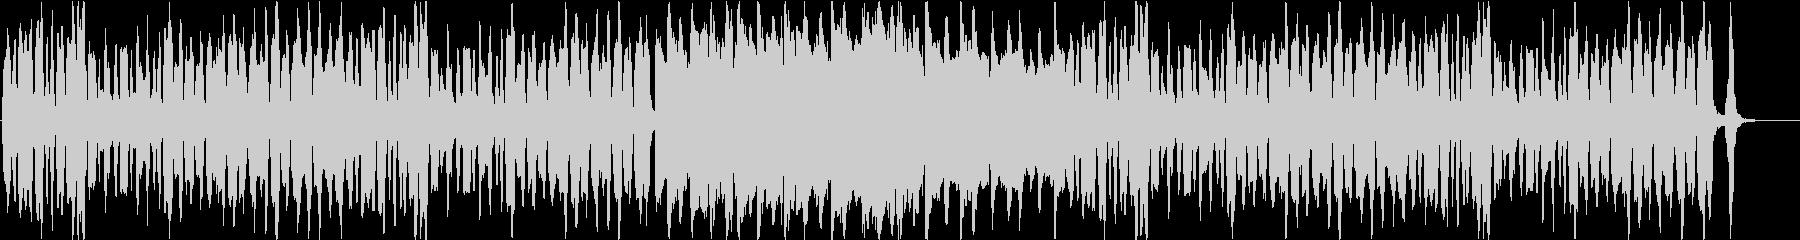 ノリ良いピアノとピッコロのかわいいBGMの未再生の波形